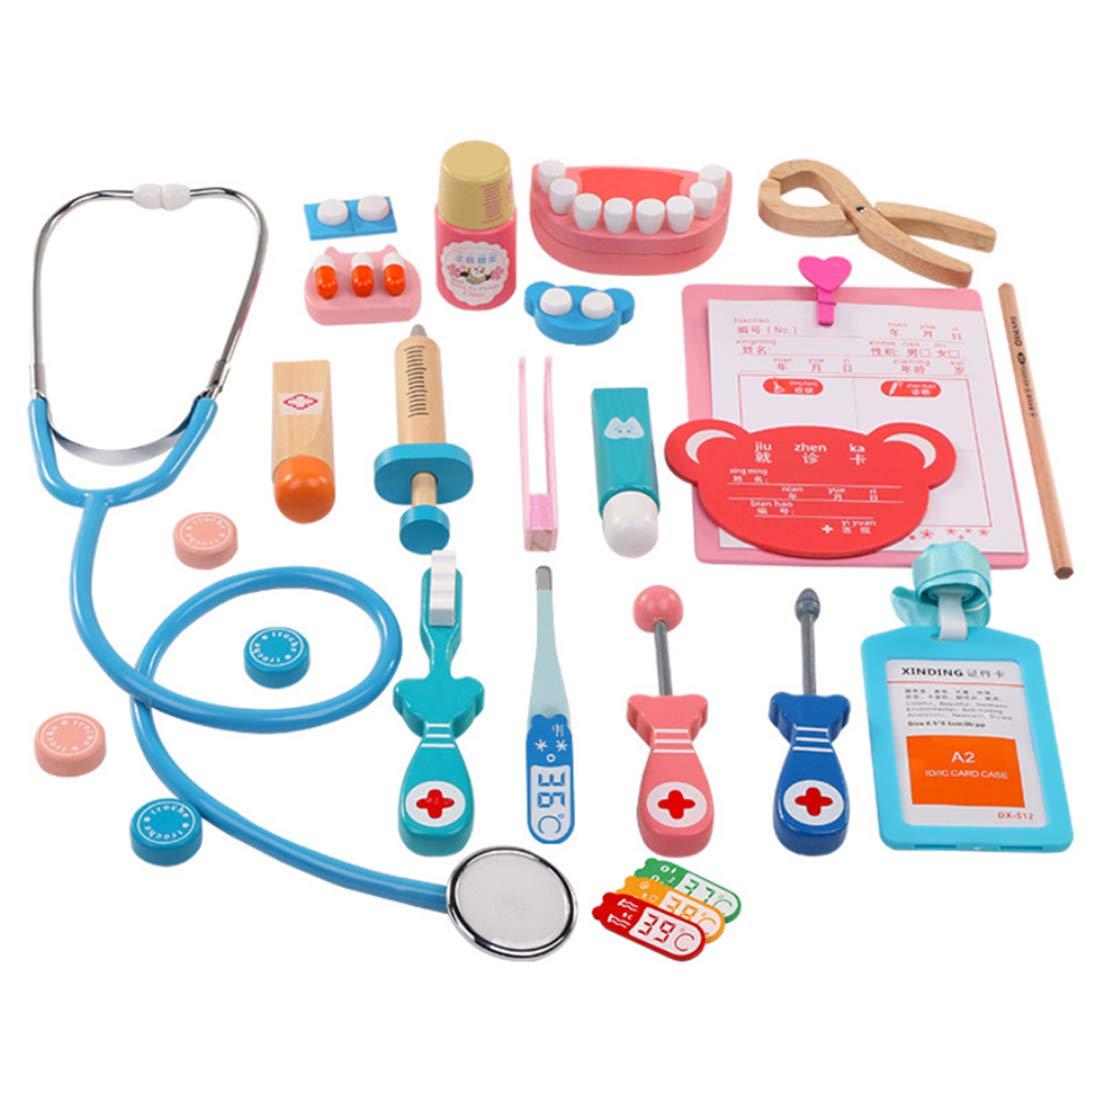 Rolanli Arztkoffer Kinder, 24 Stück Arztkoffer Holz Simulation Stethoskop Spielzeug für Kinder Rollenspiele